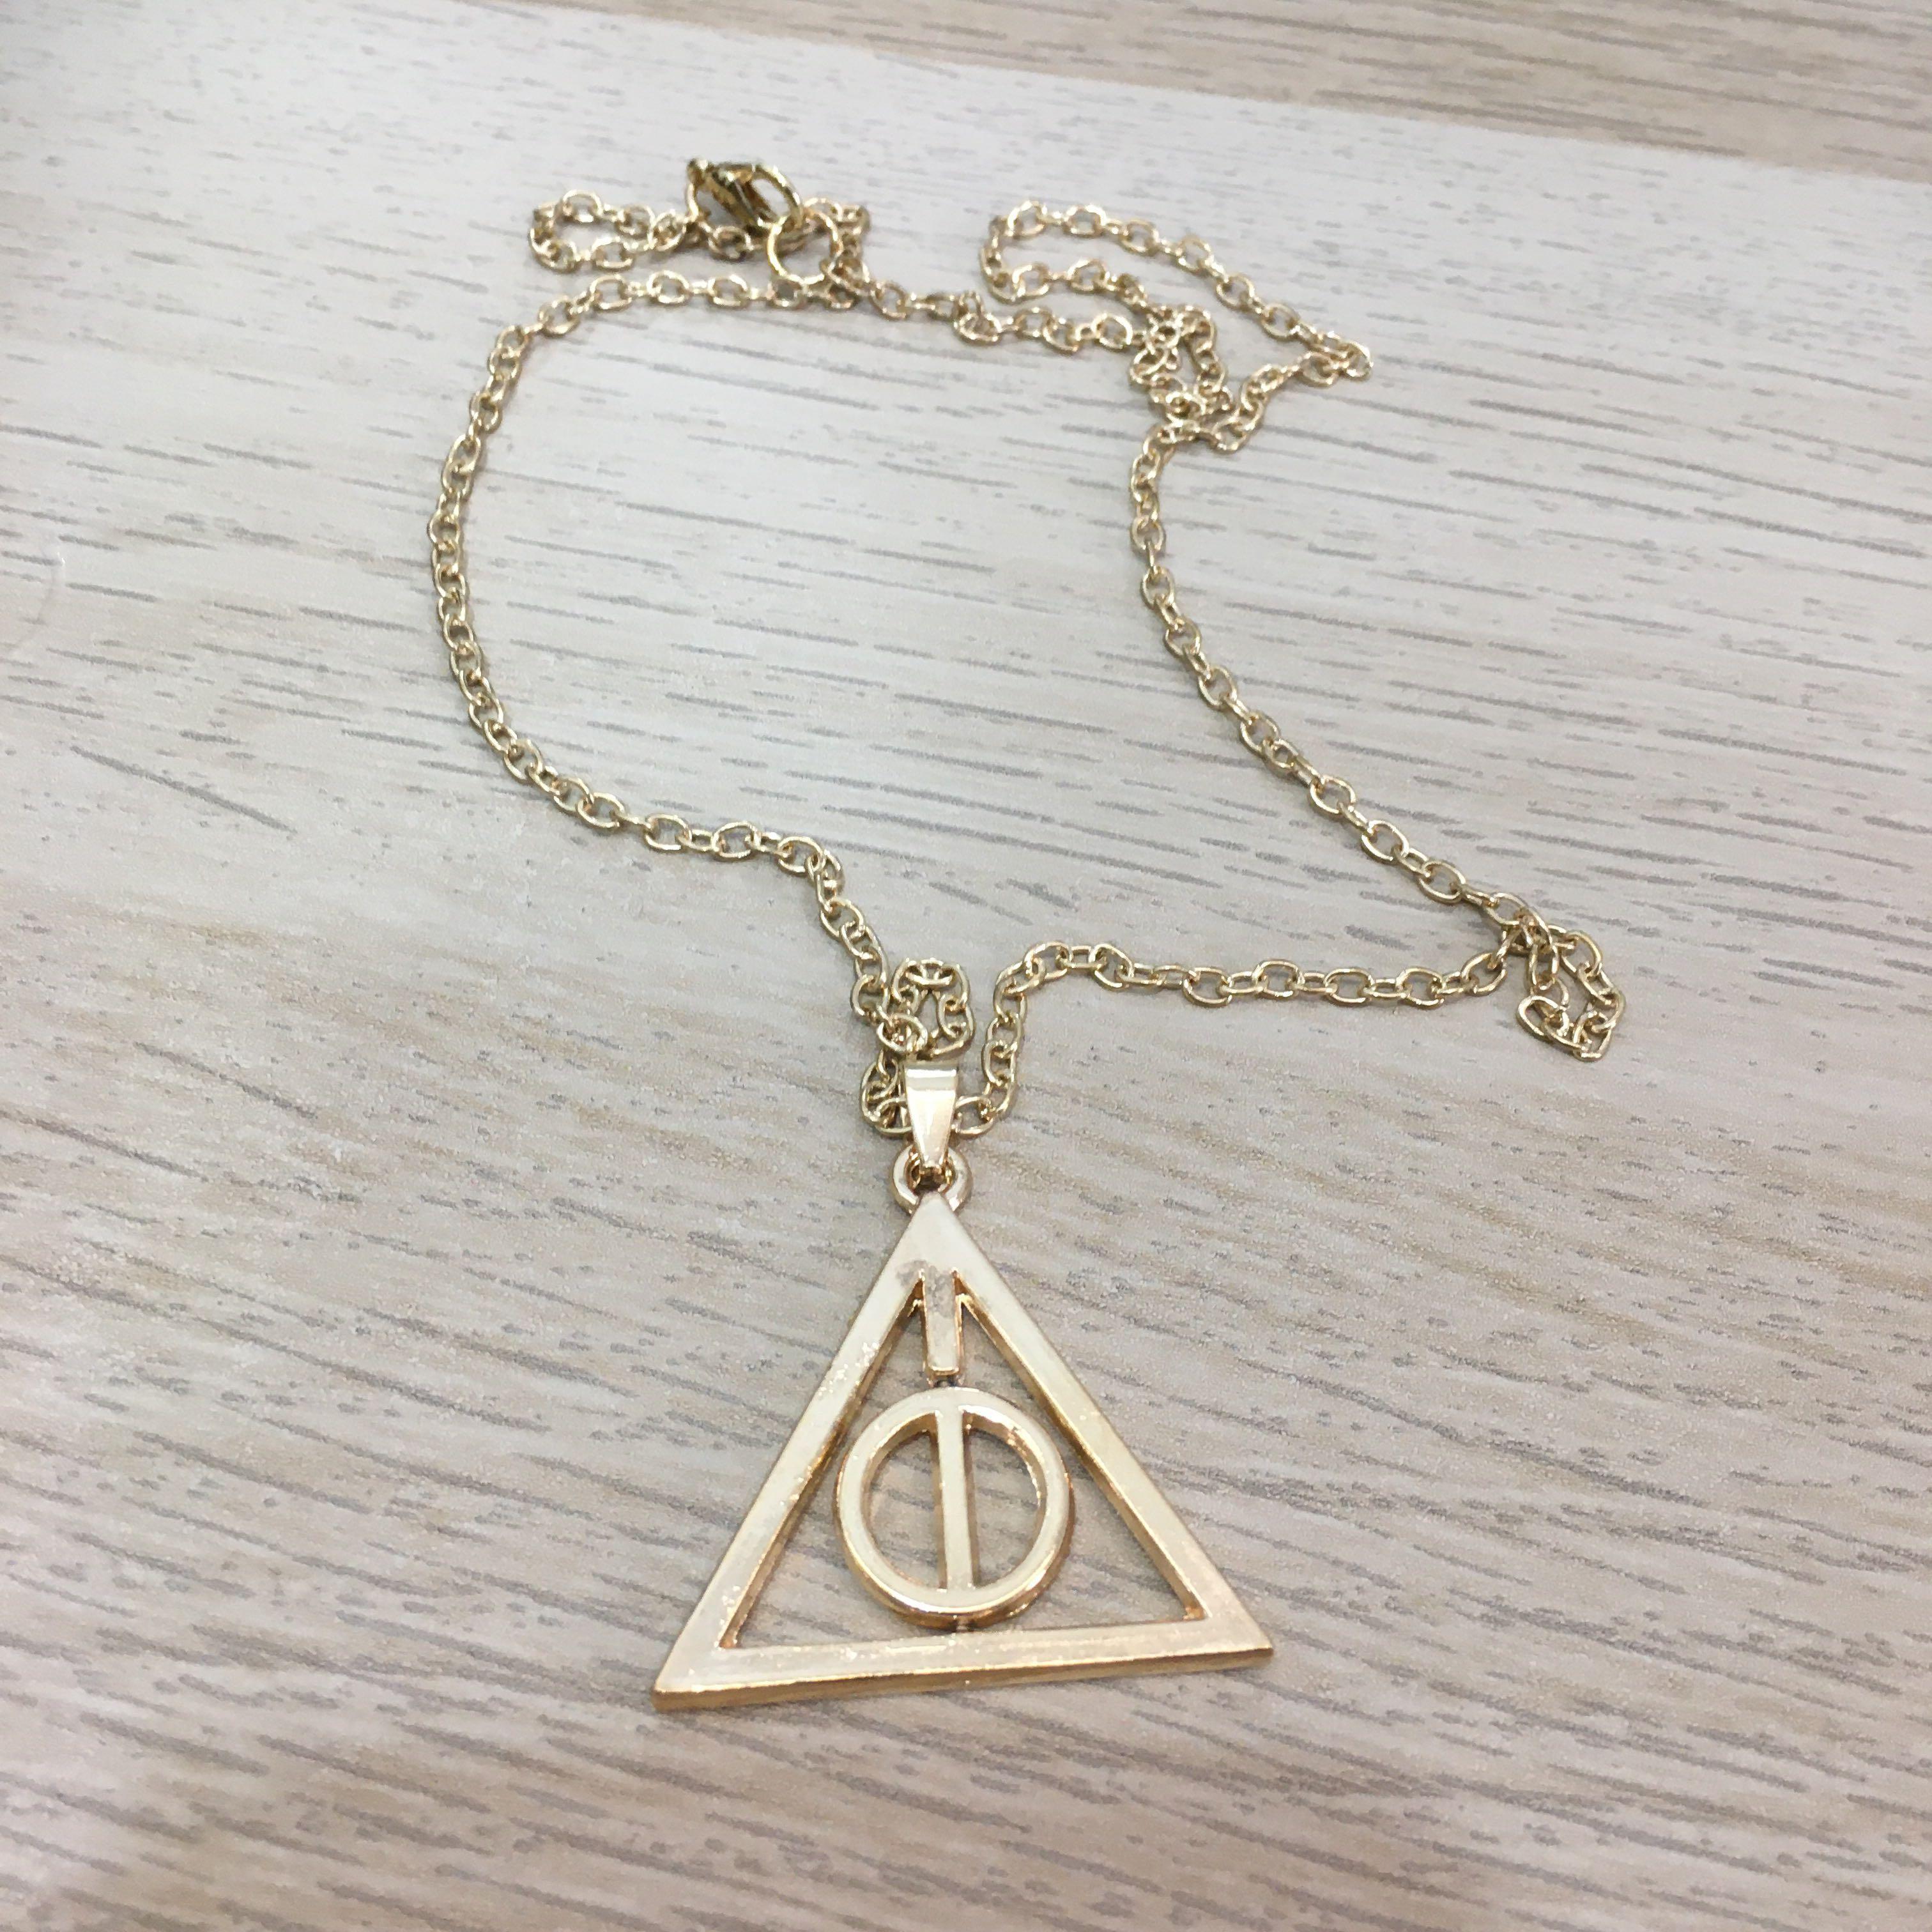 哈利波特/死神的聖物項鍊